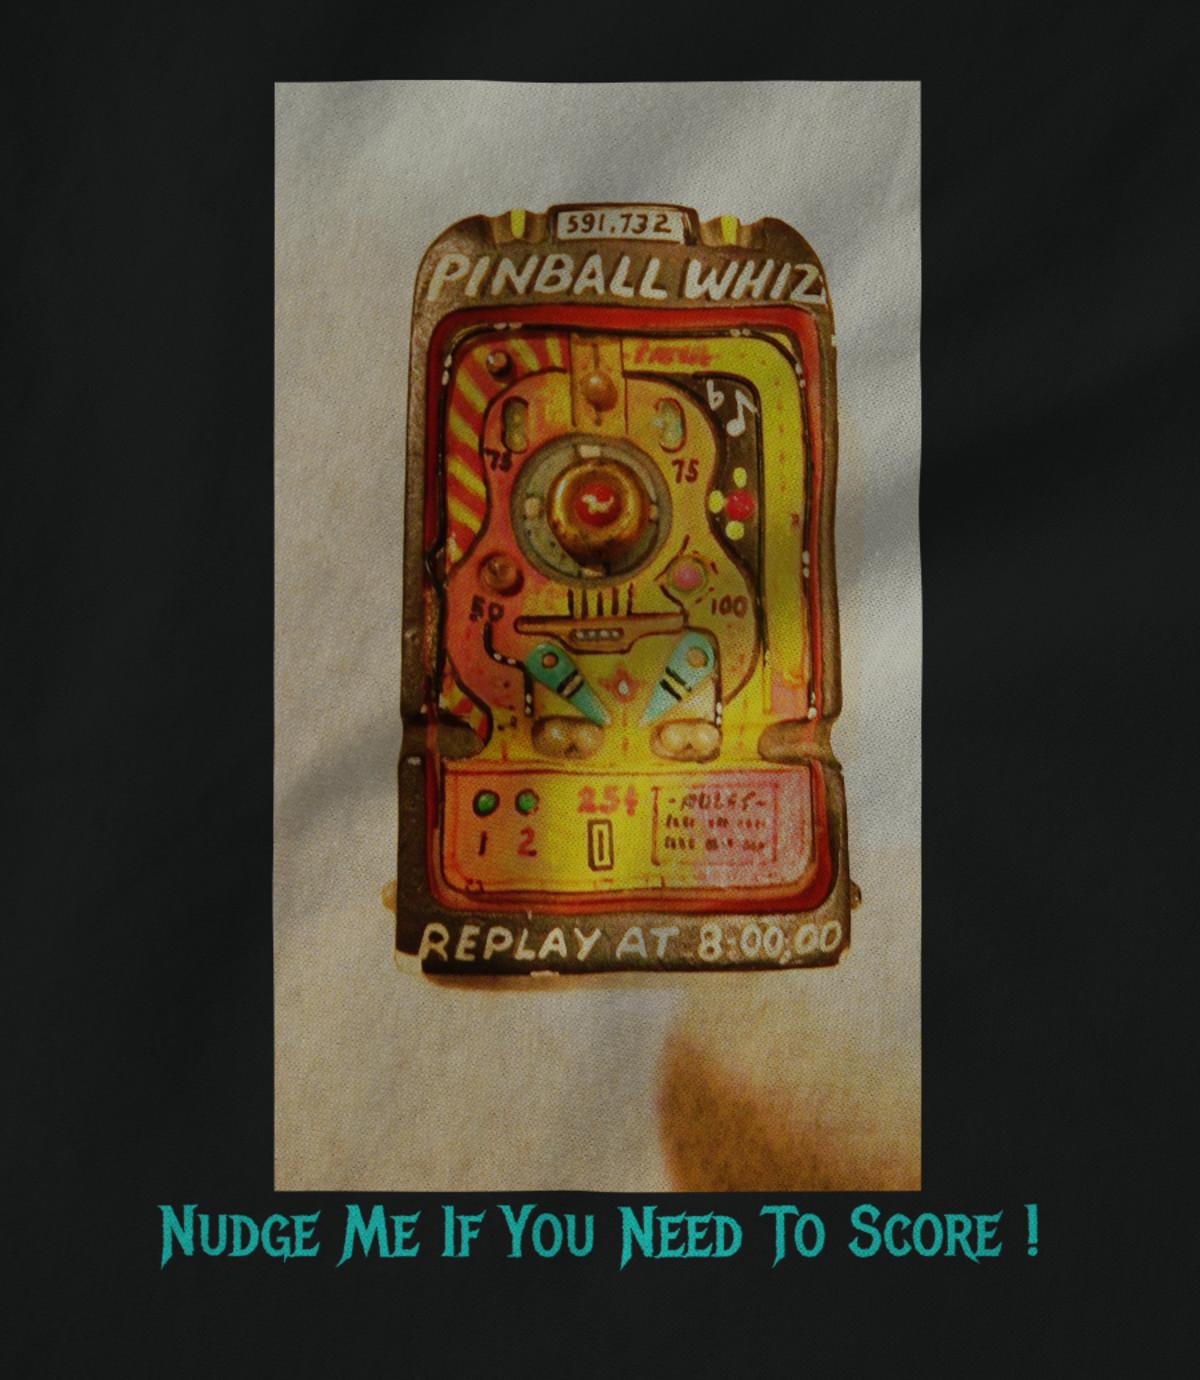 Matthew f  blowers iii  c  2015 nudge me if you need to score  1505947642